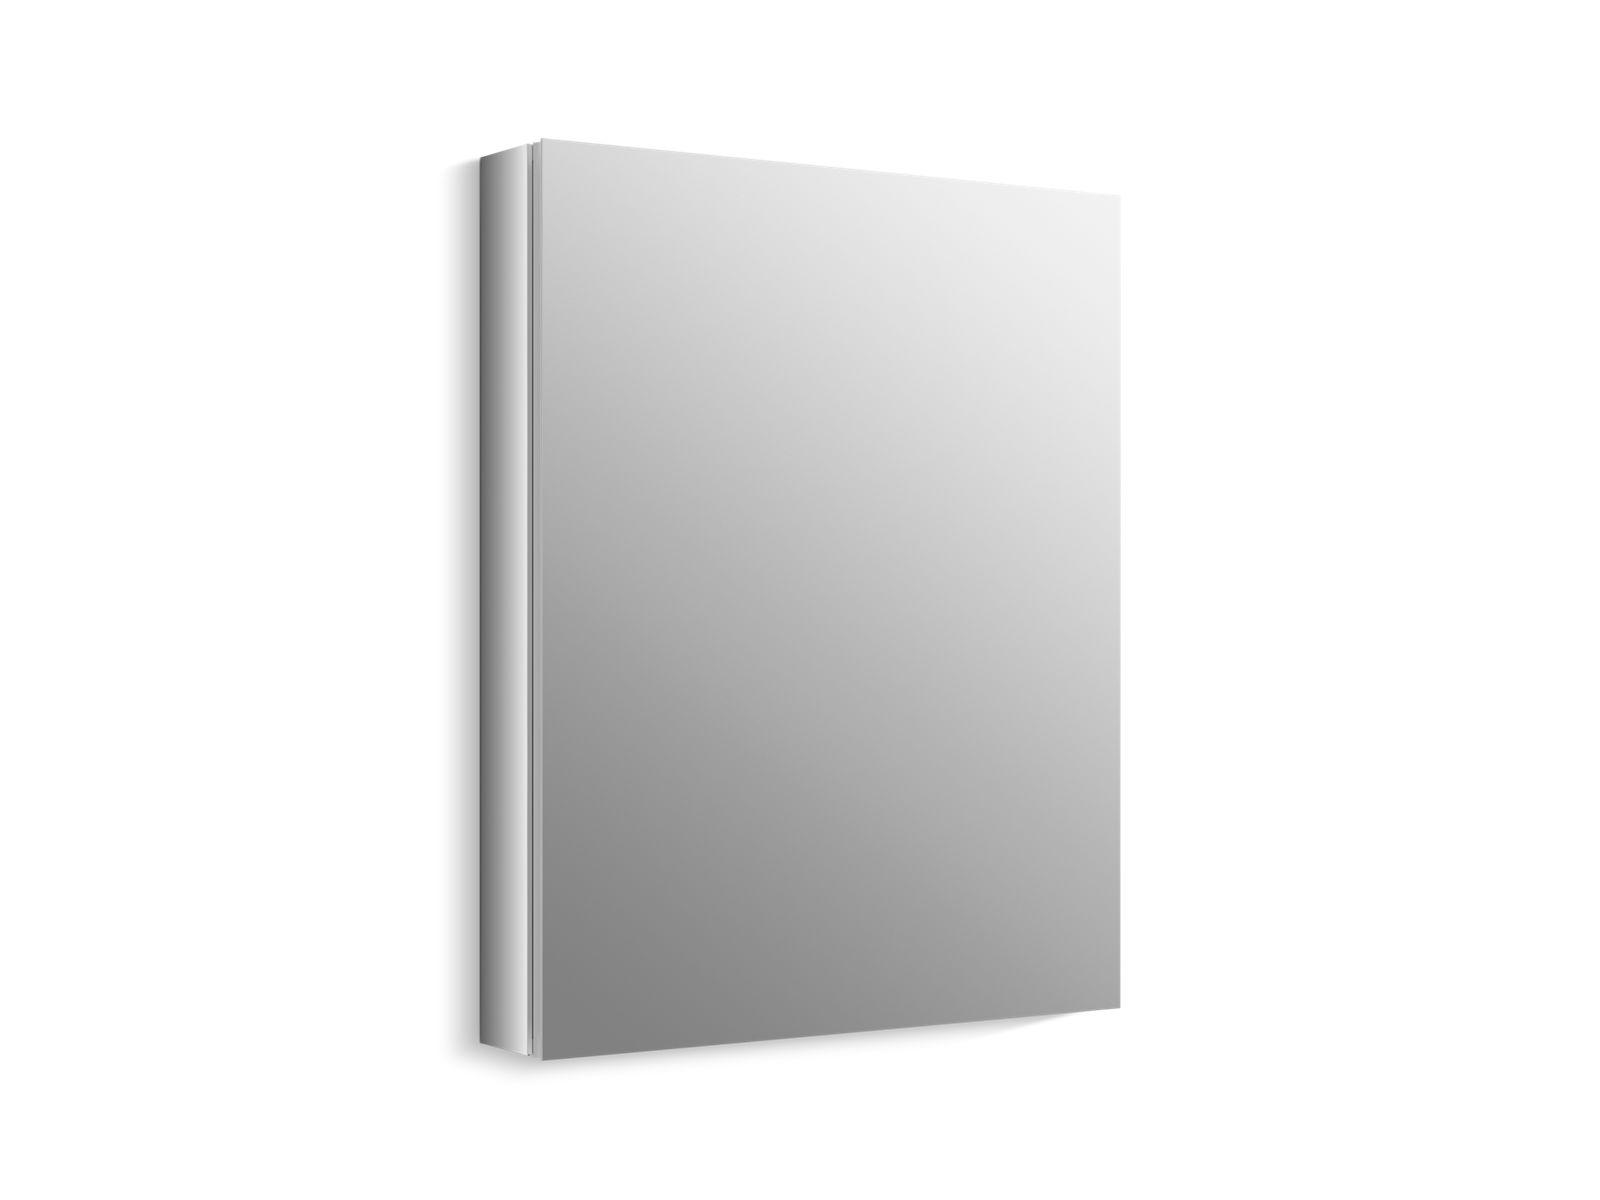 K 99006 | Verdera Medicine Cabinet With Mirrored Door | KOHLER